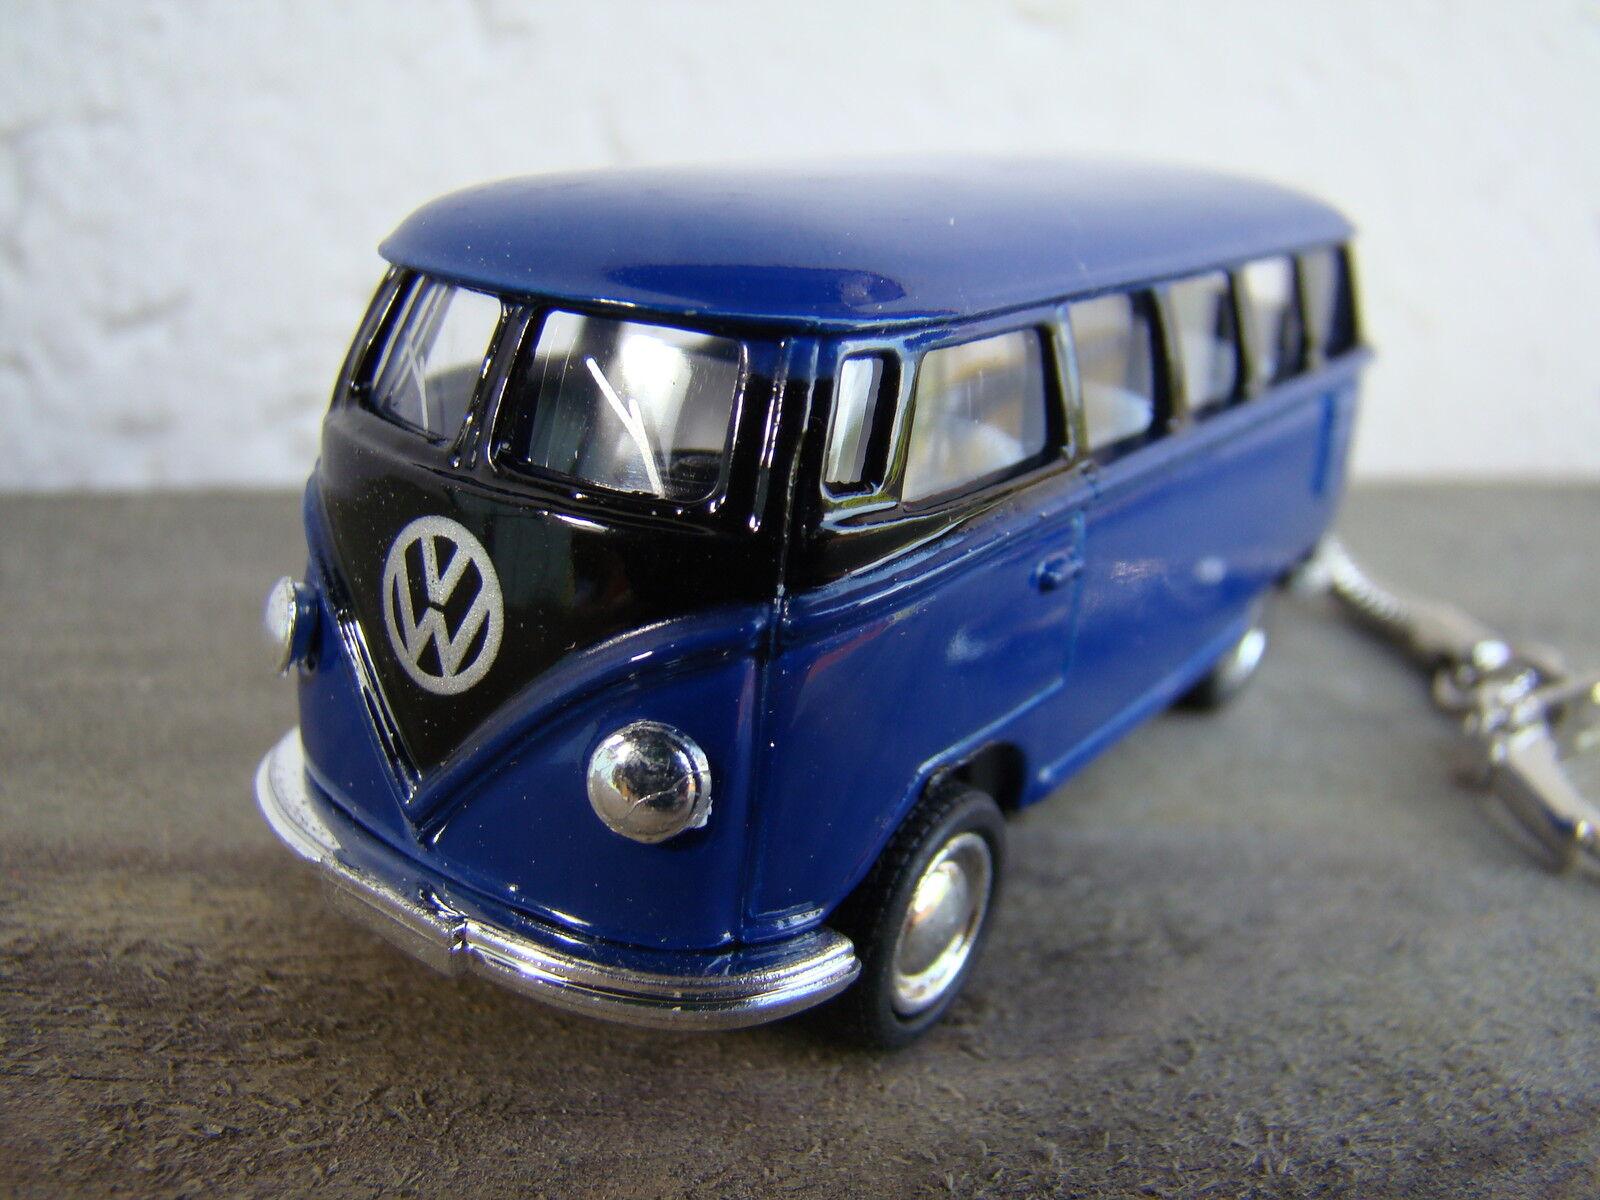 porte cl volkswagen bus combi t1 bleu et noir neuf eur 6 50 picclick fr. Black Bedroom Furniture Sets. Home Design Ideas